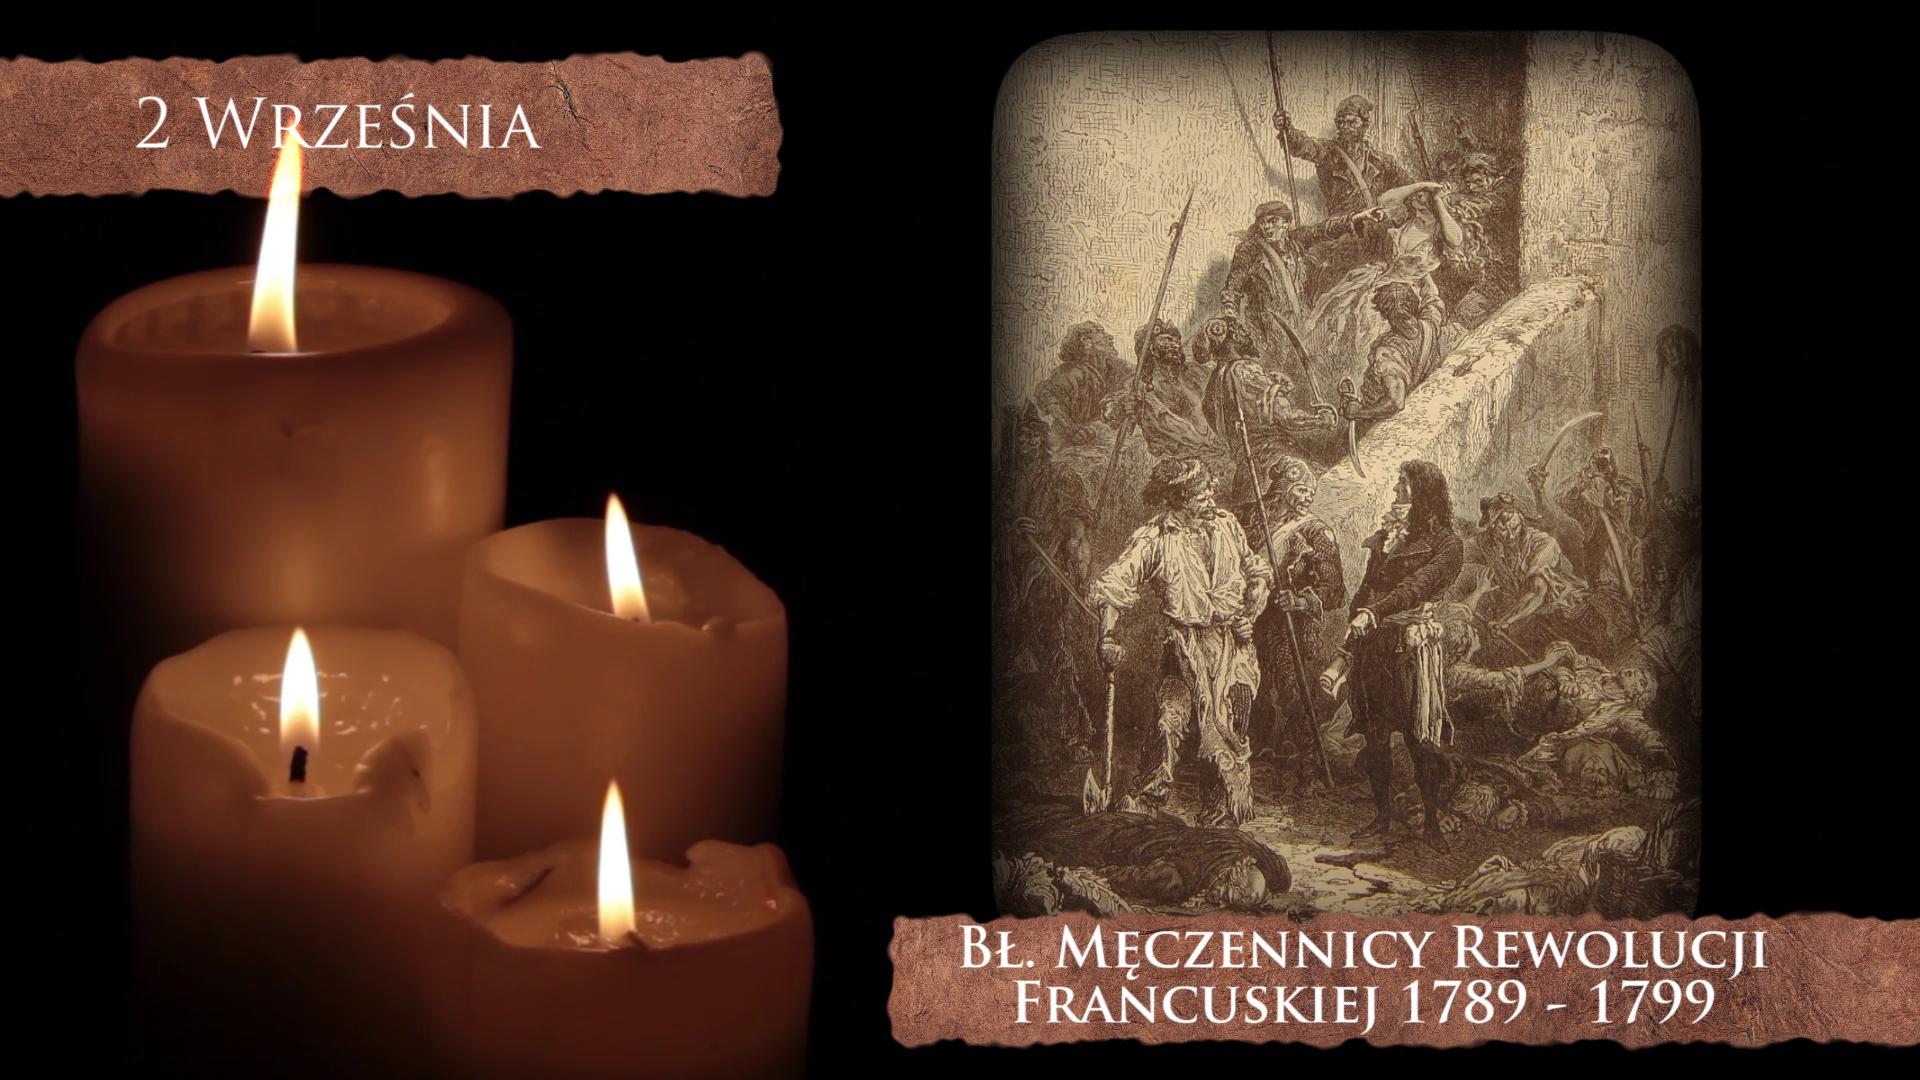 Męczennicy Rewolucji Francuskiej